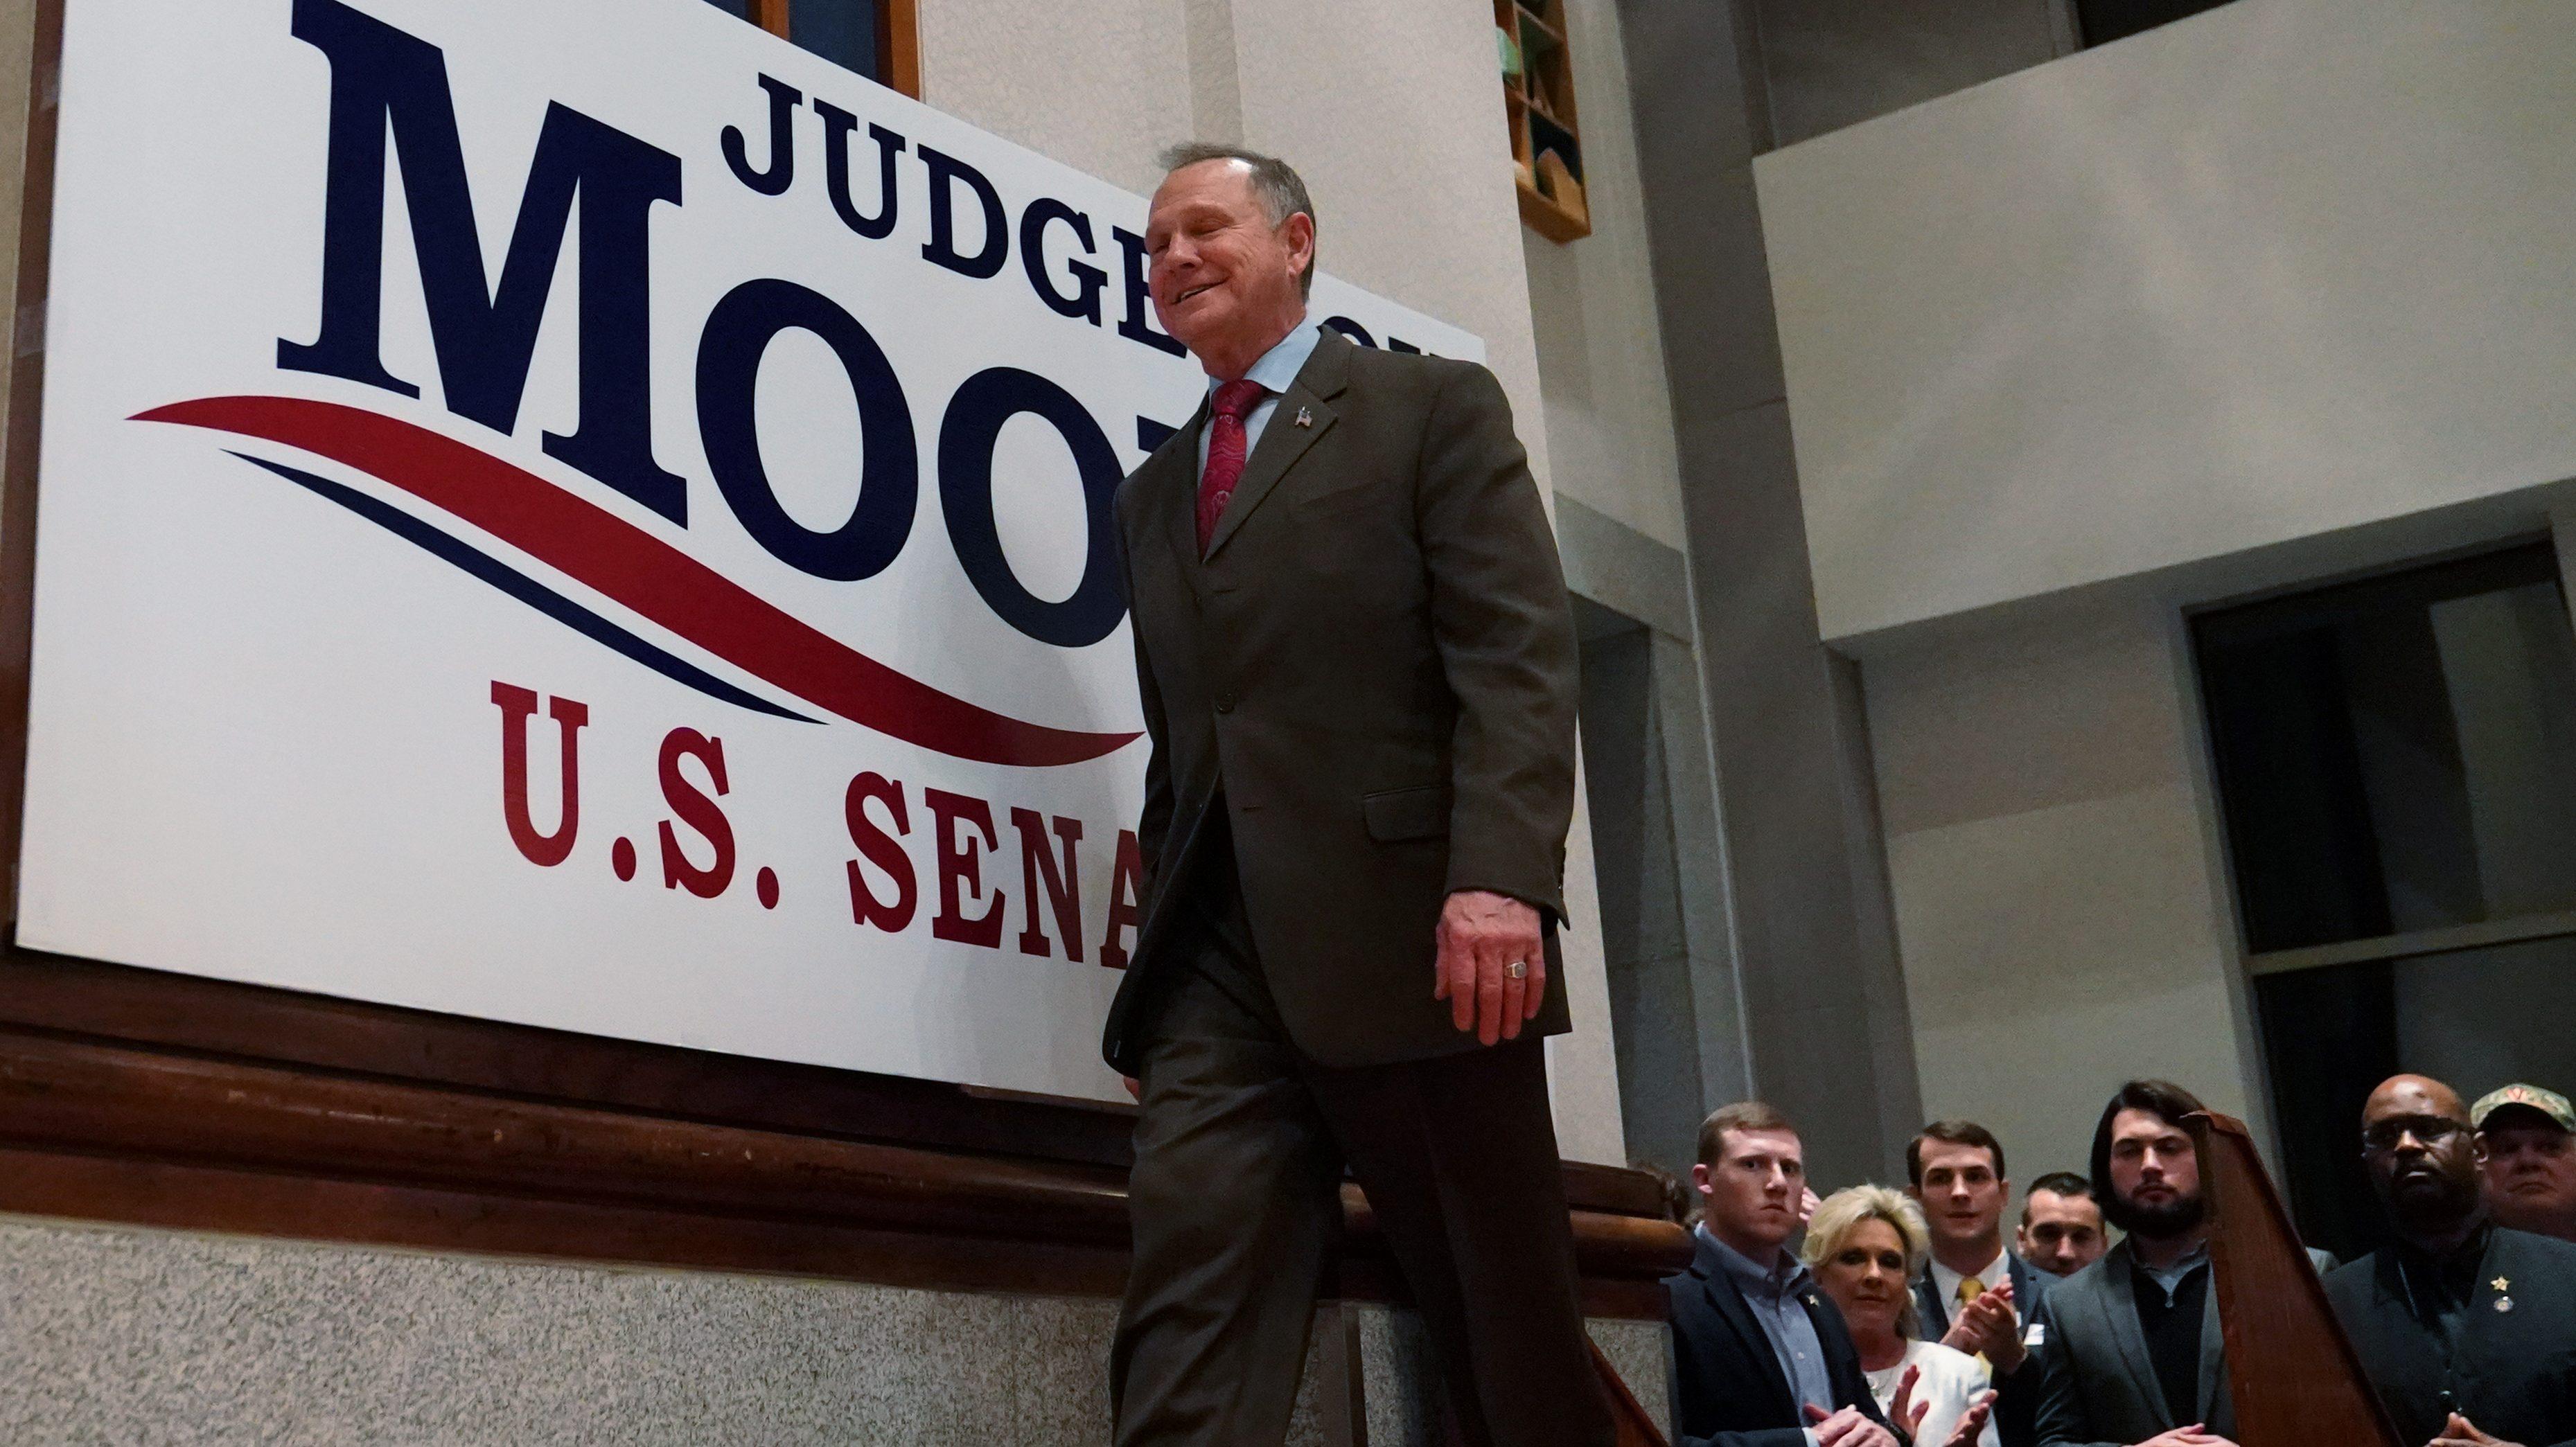 Republican U.S. Senate candidate Roy Moore